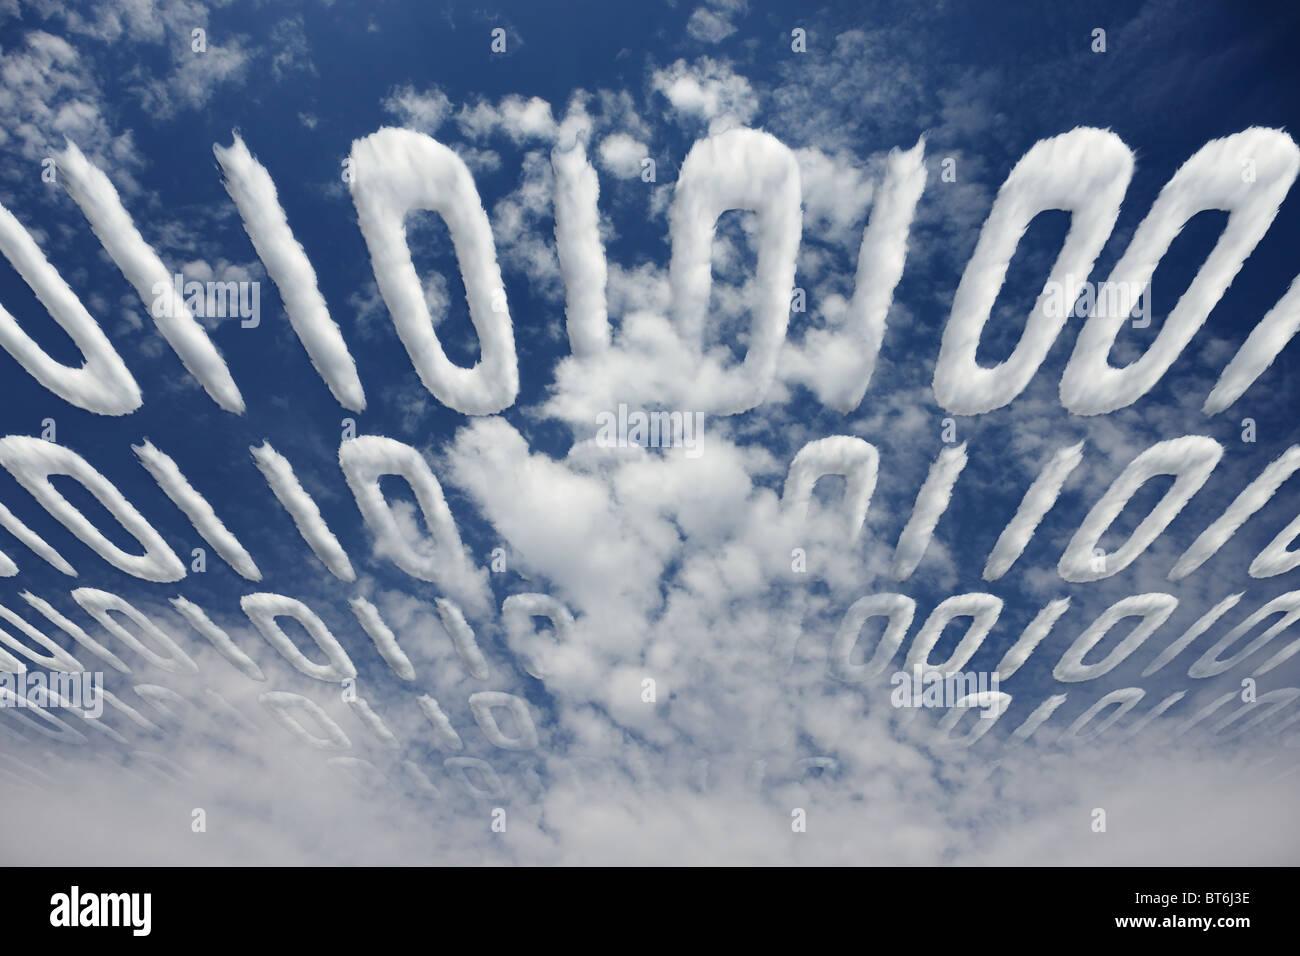 Nuvoloso codice binario trasmesso in cielo - il concetto di comunicazione elettronica e le informazioni Immagini Stock